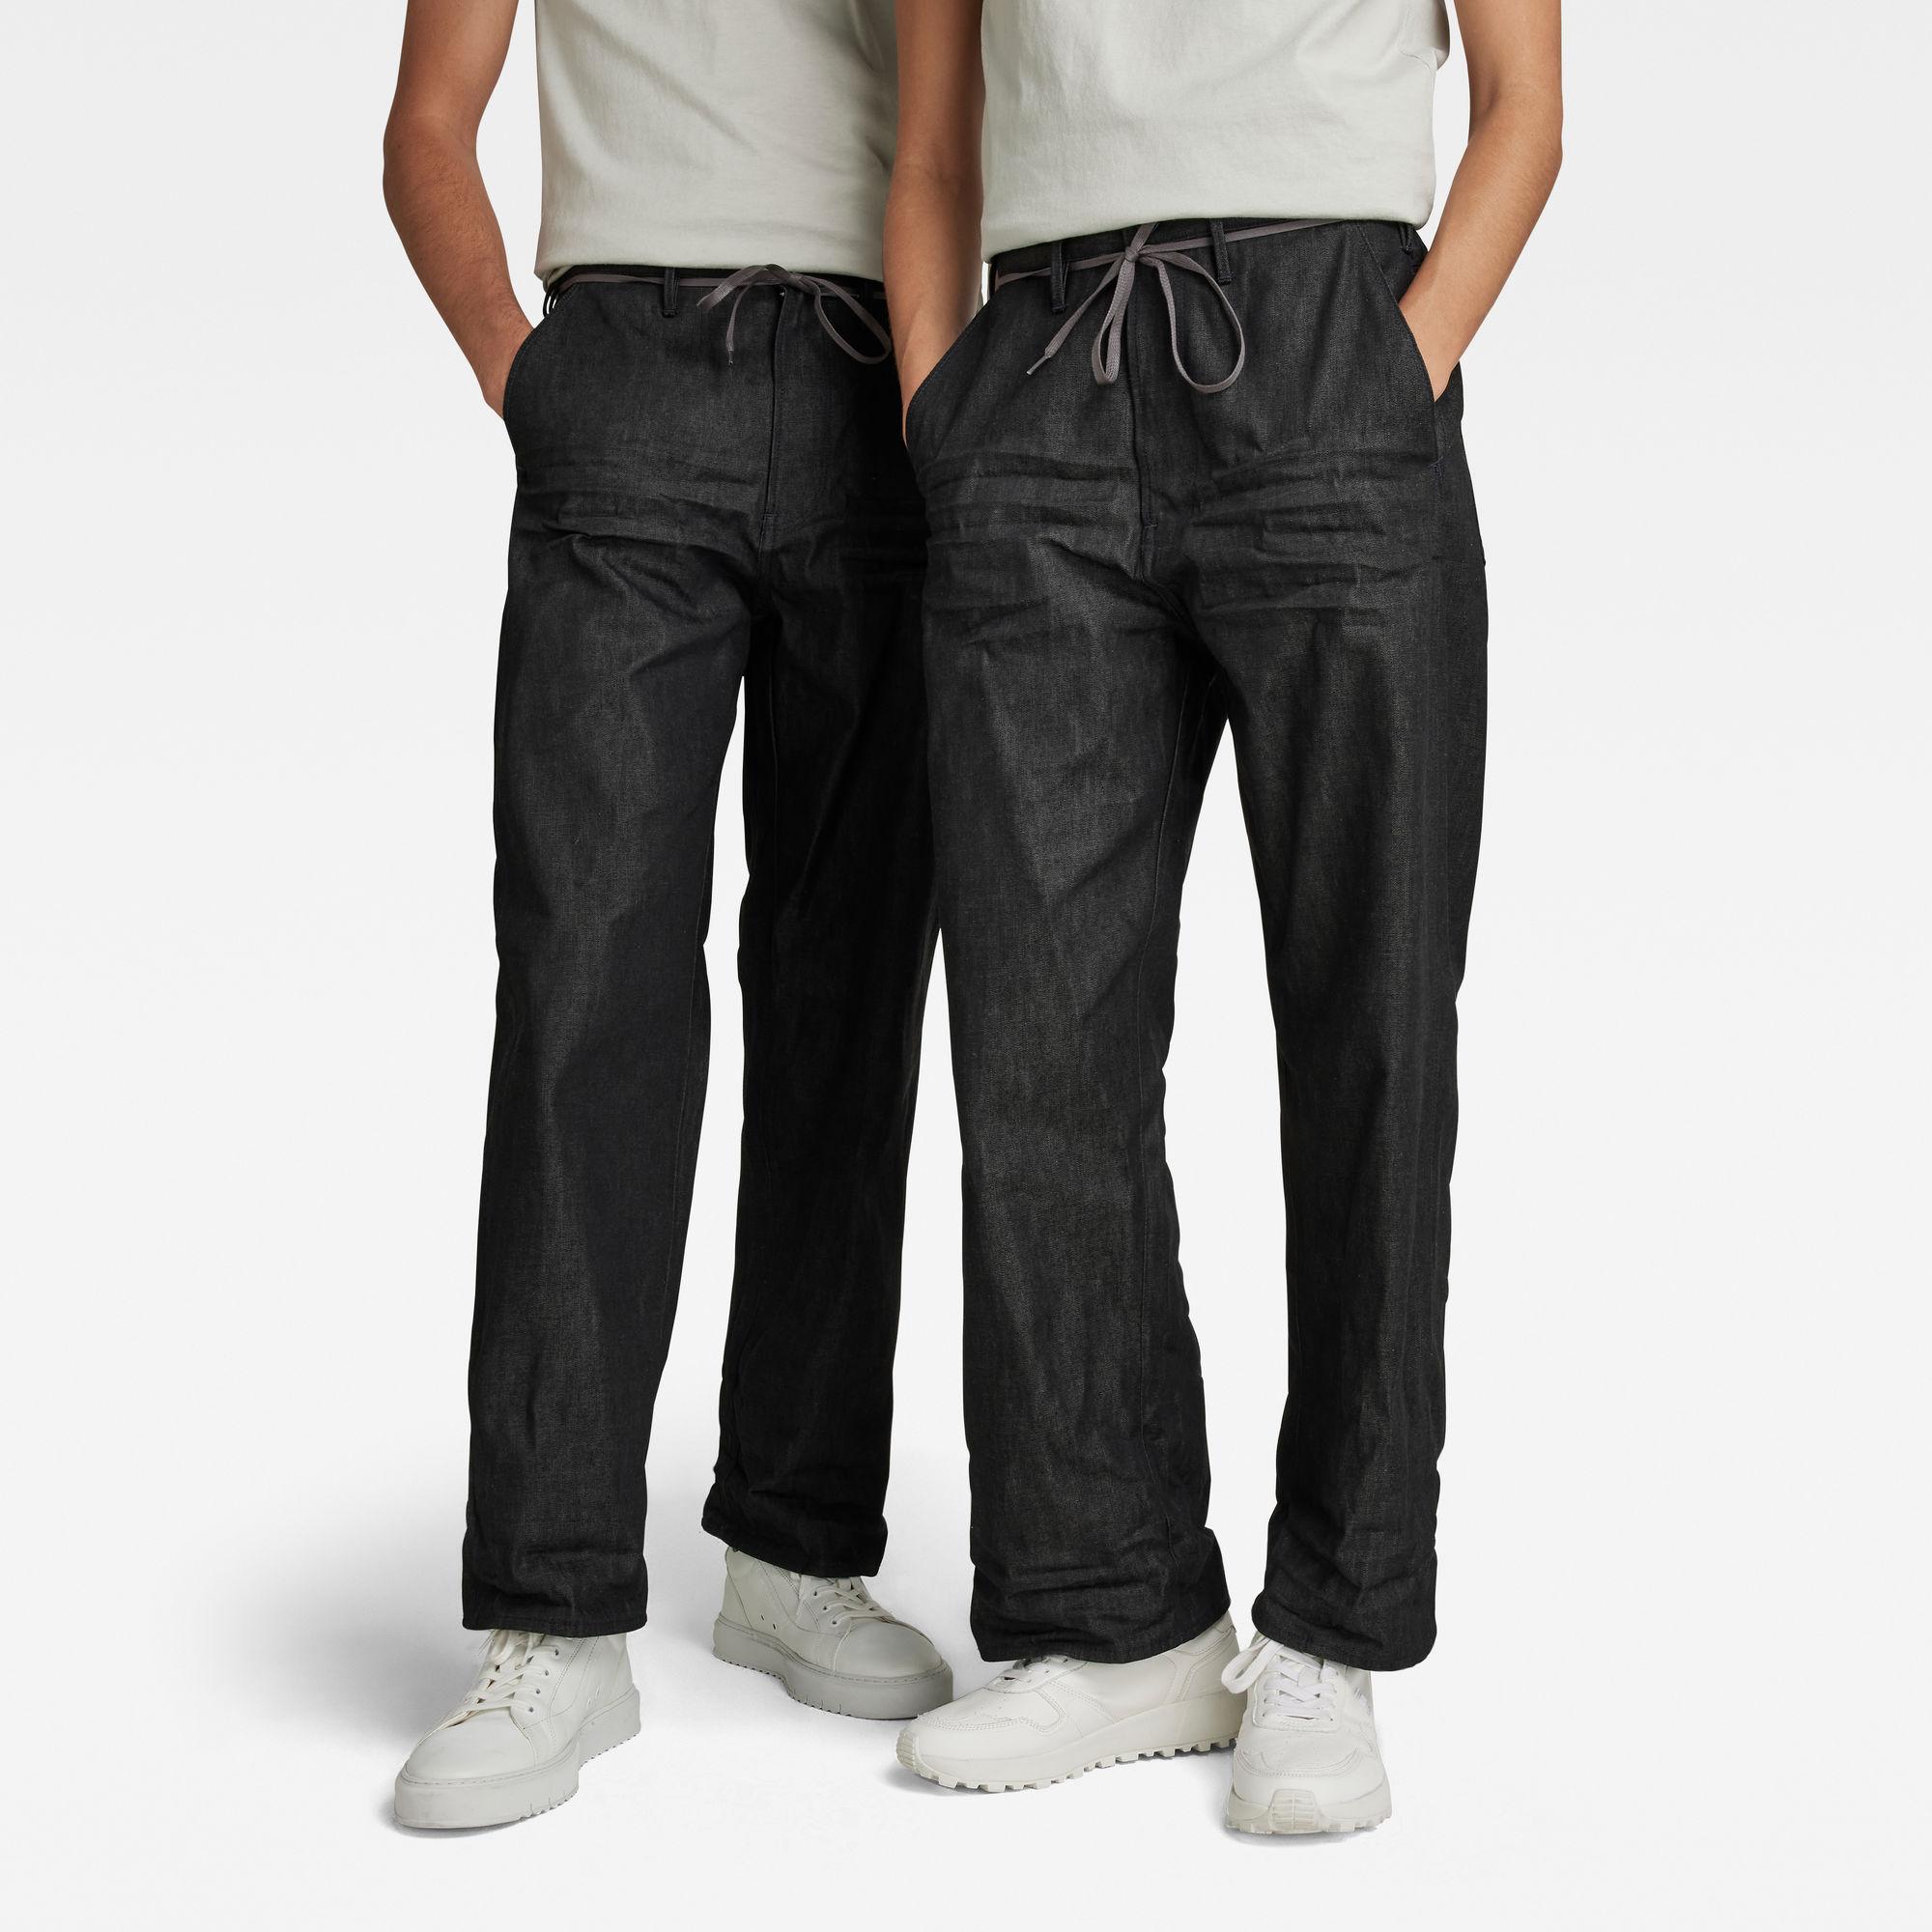 G-Star RAW Dames Lintell High Dad Jeans Zwart